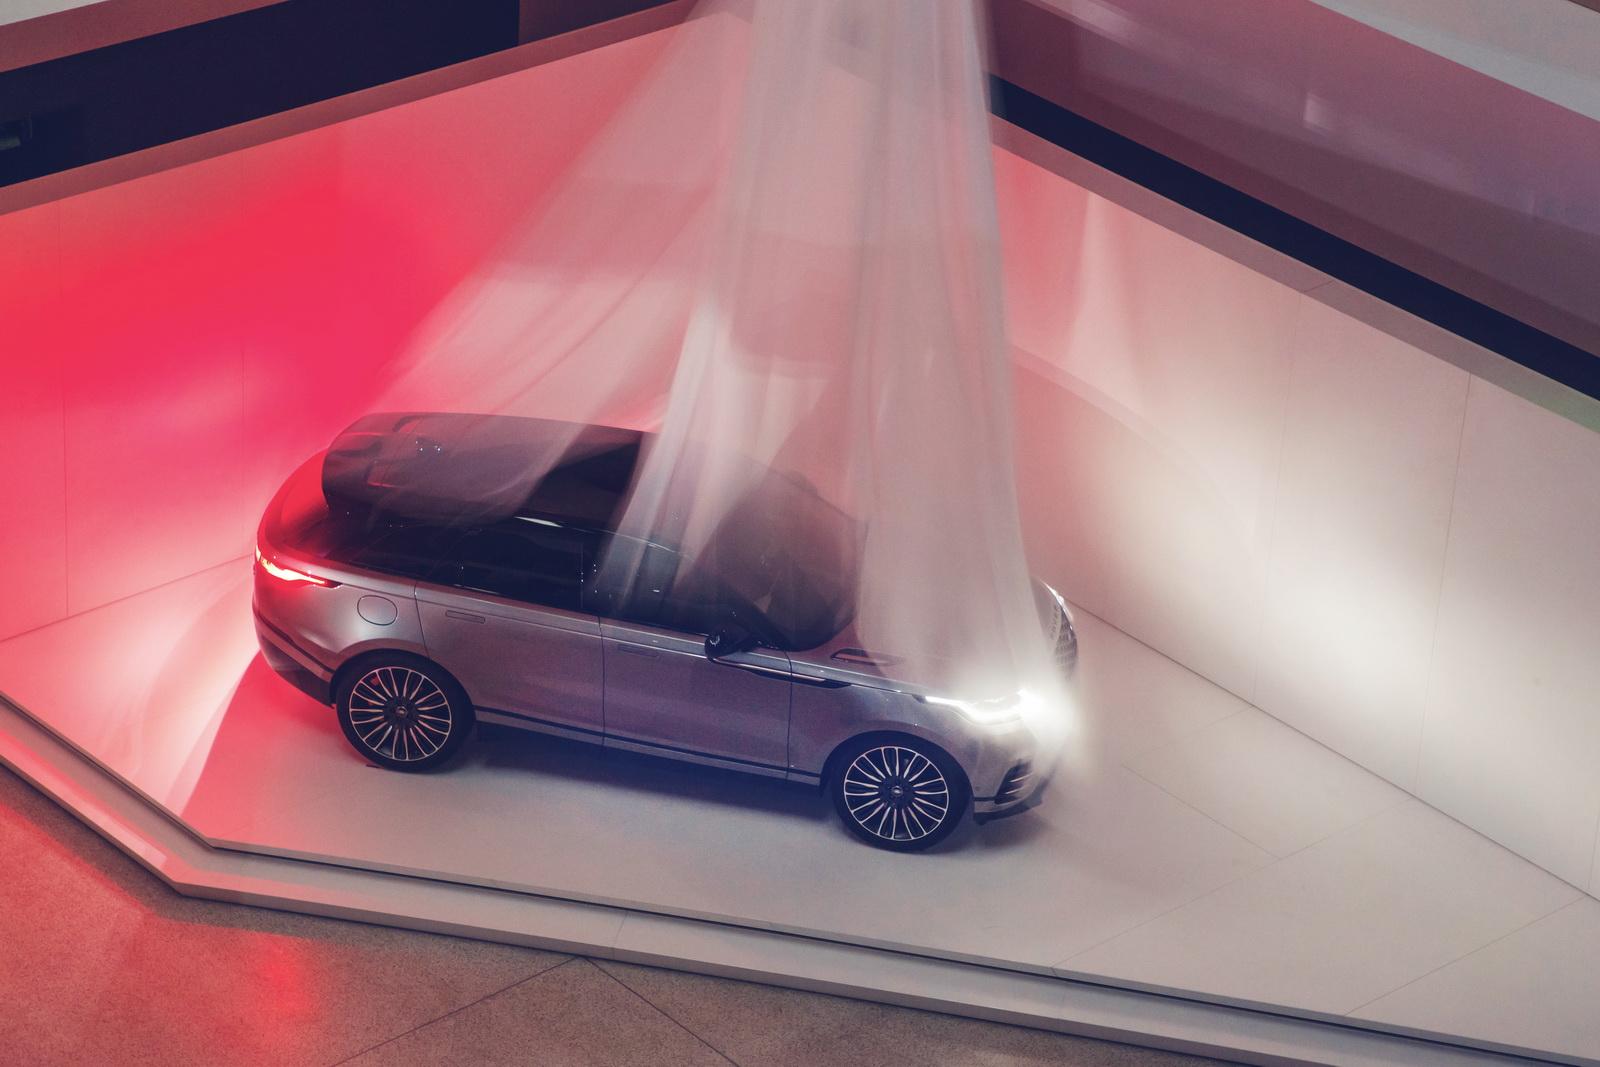 Range Rover Velar in Geneva 2017 (55)